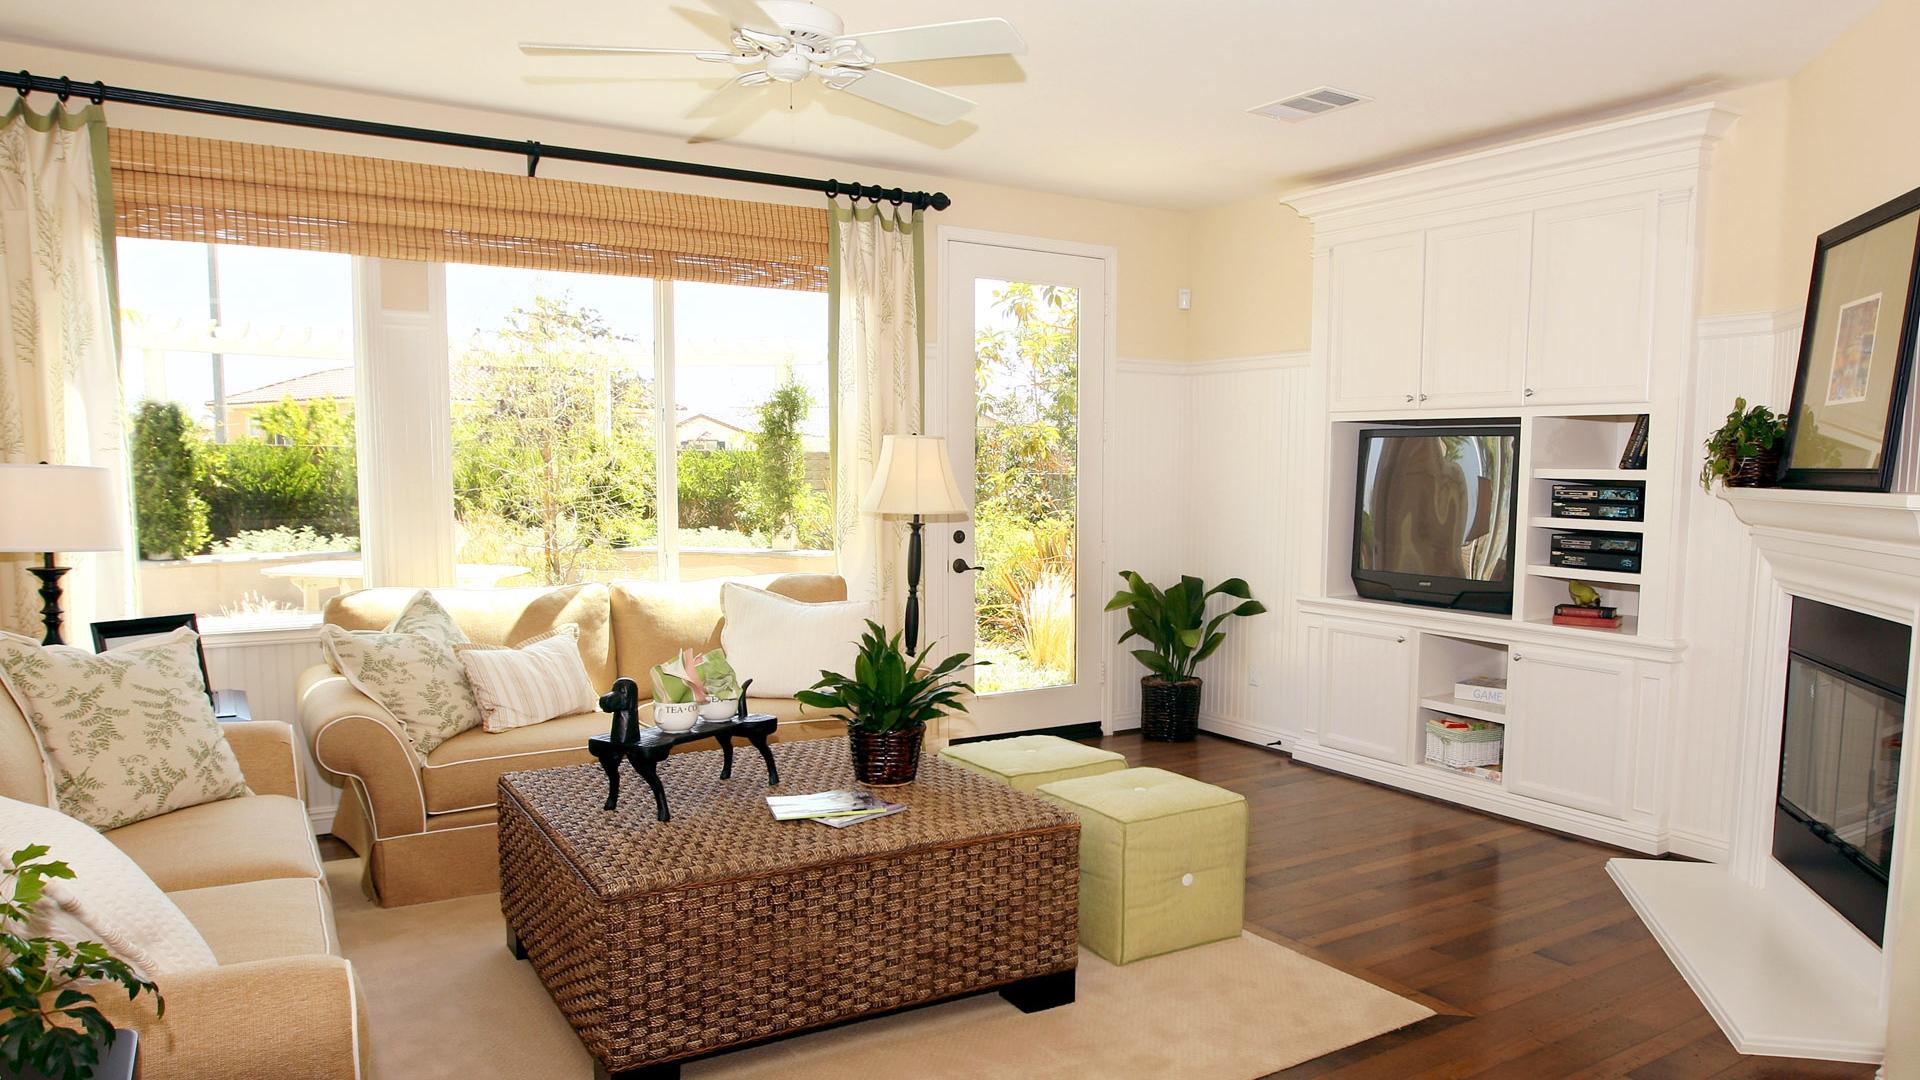 Download Wallpaper 1920x1080 room, living room, tv, sofa ...